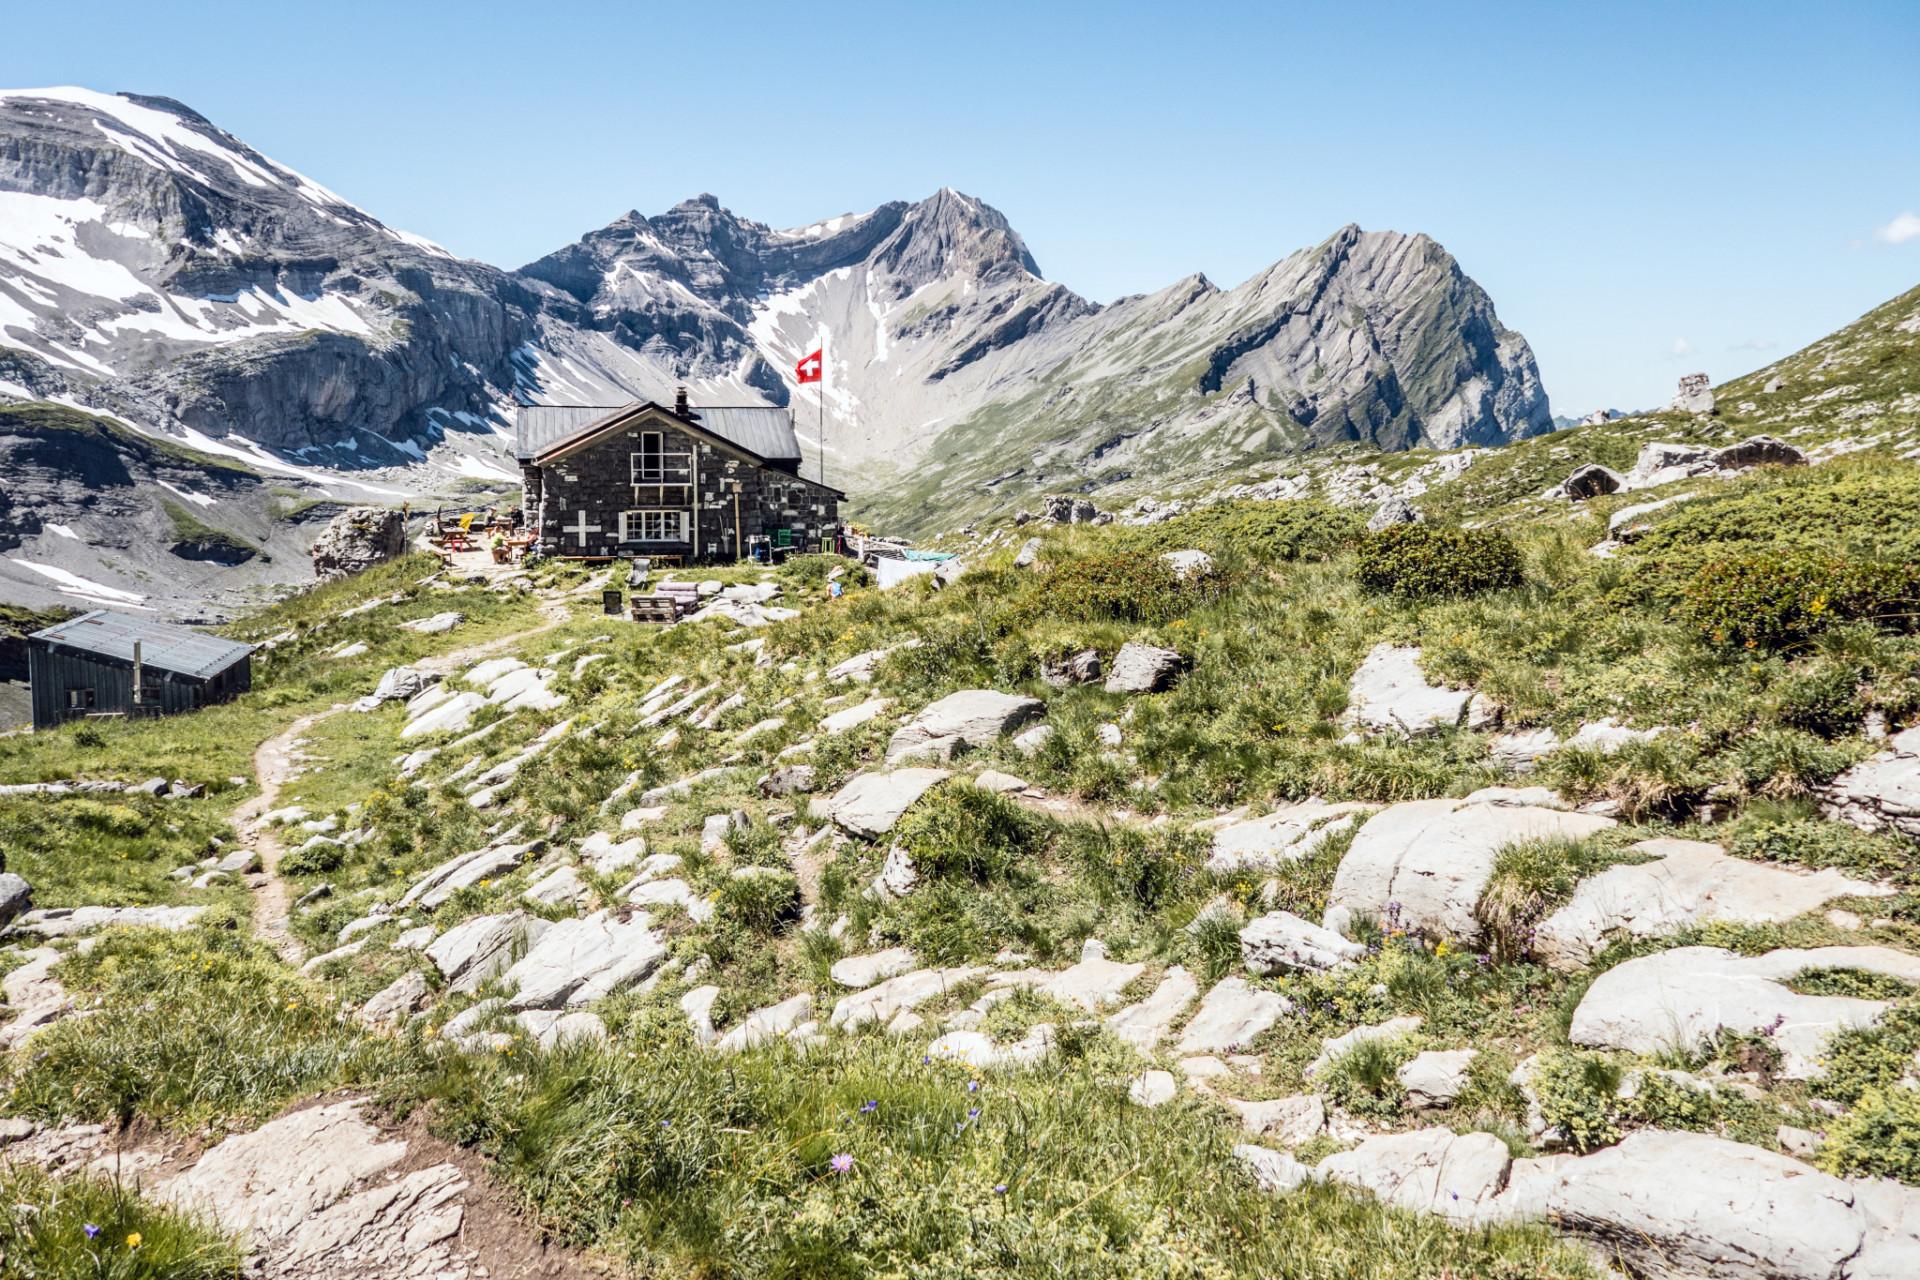 Alpenhütte beim Wandern in der Schweiz